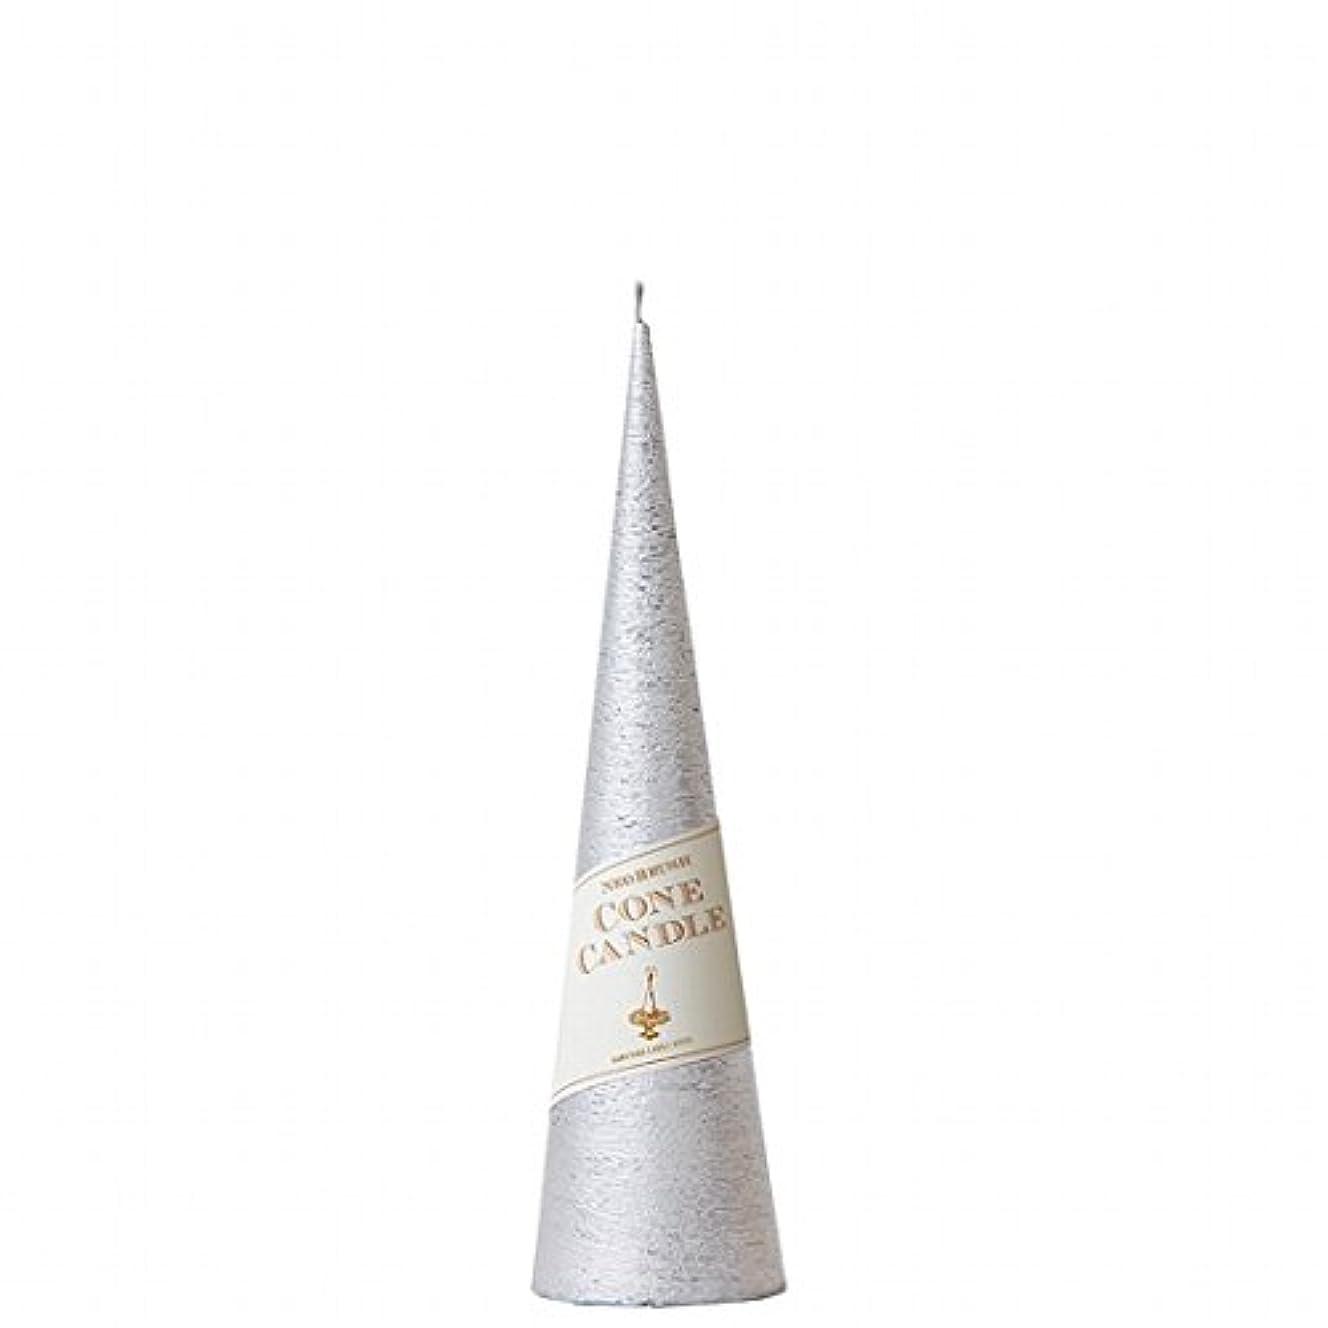 制限された不公平誠意kameyama candle(カメヤマキャンドル) ネオブラッシュコーン 230 キャンドル 「 シルバー 」(A9750120SI)